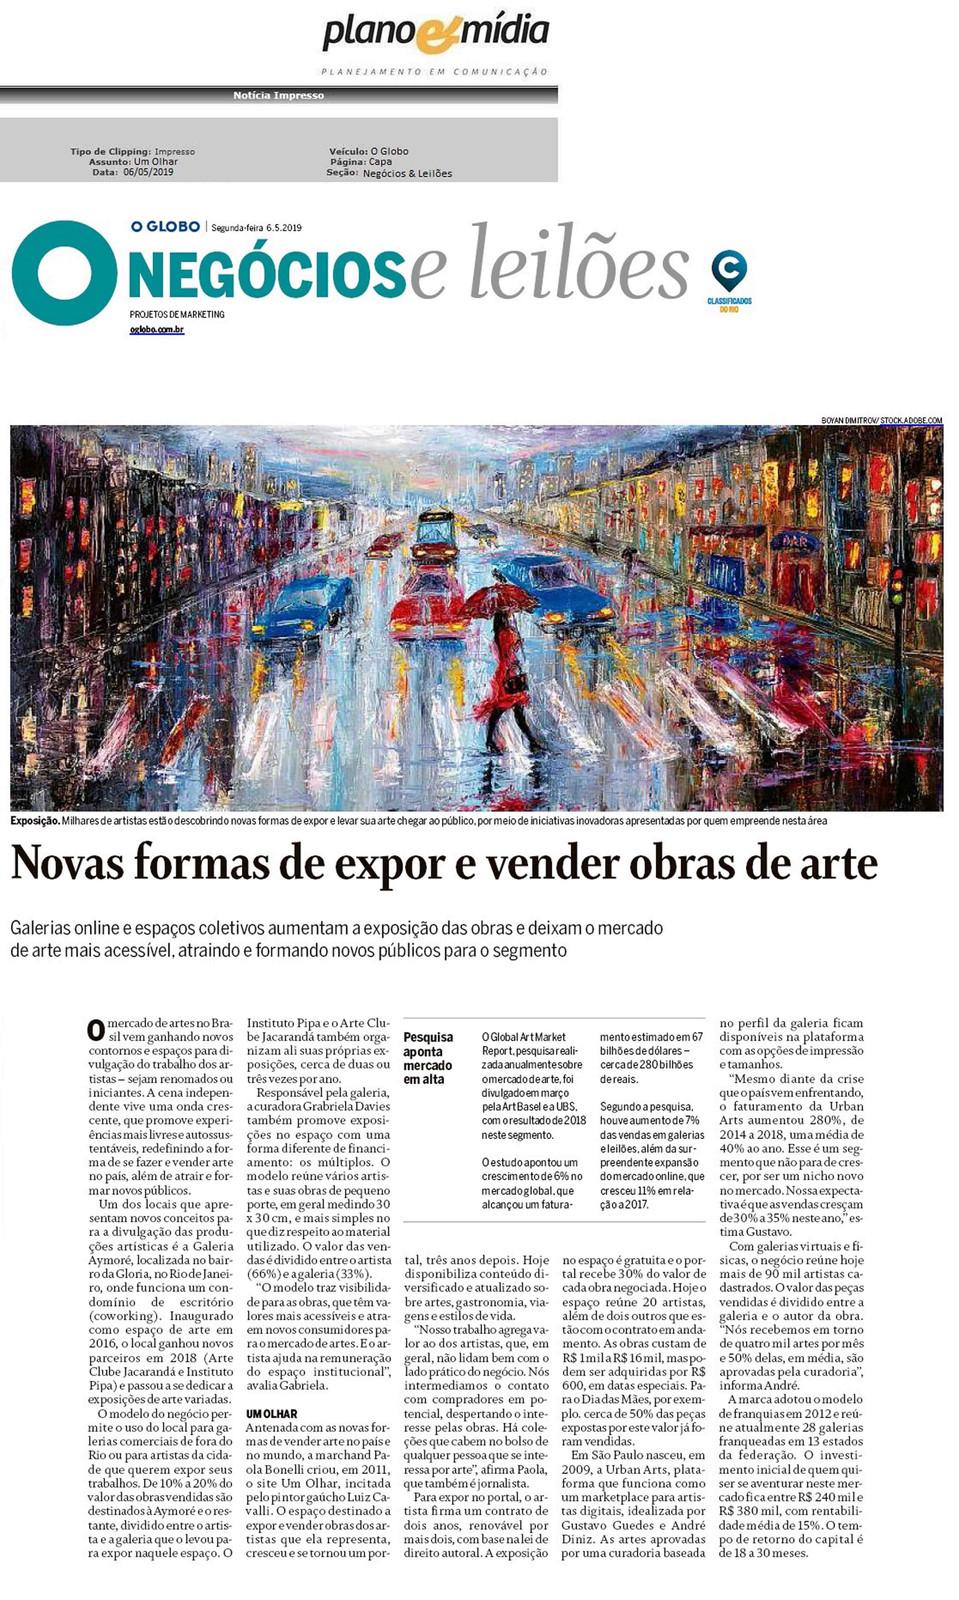 O Globo Negócios Leilões 6 05 2019